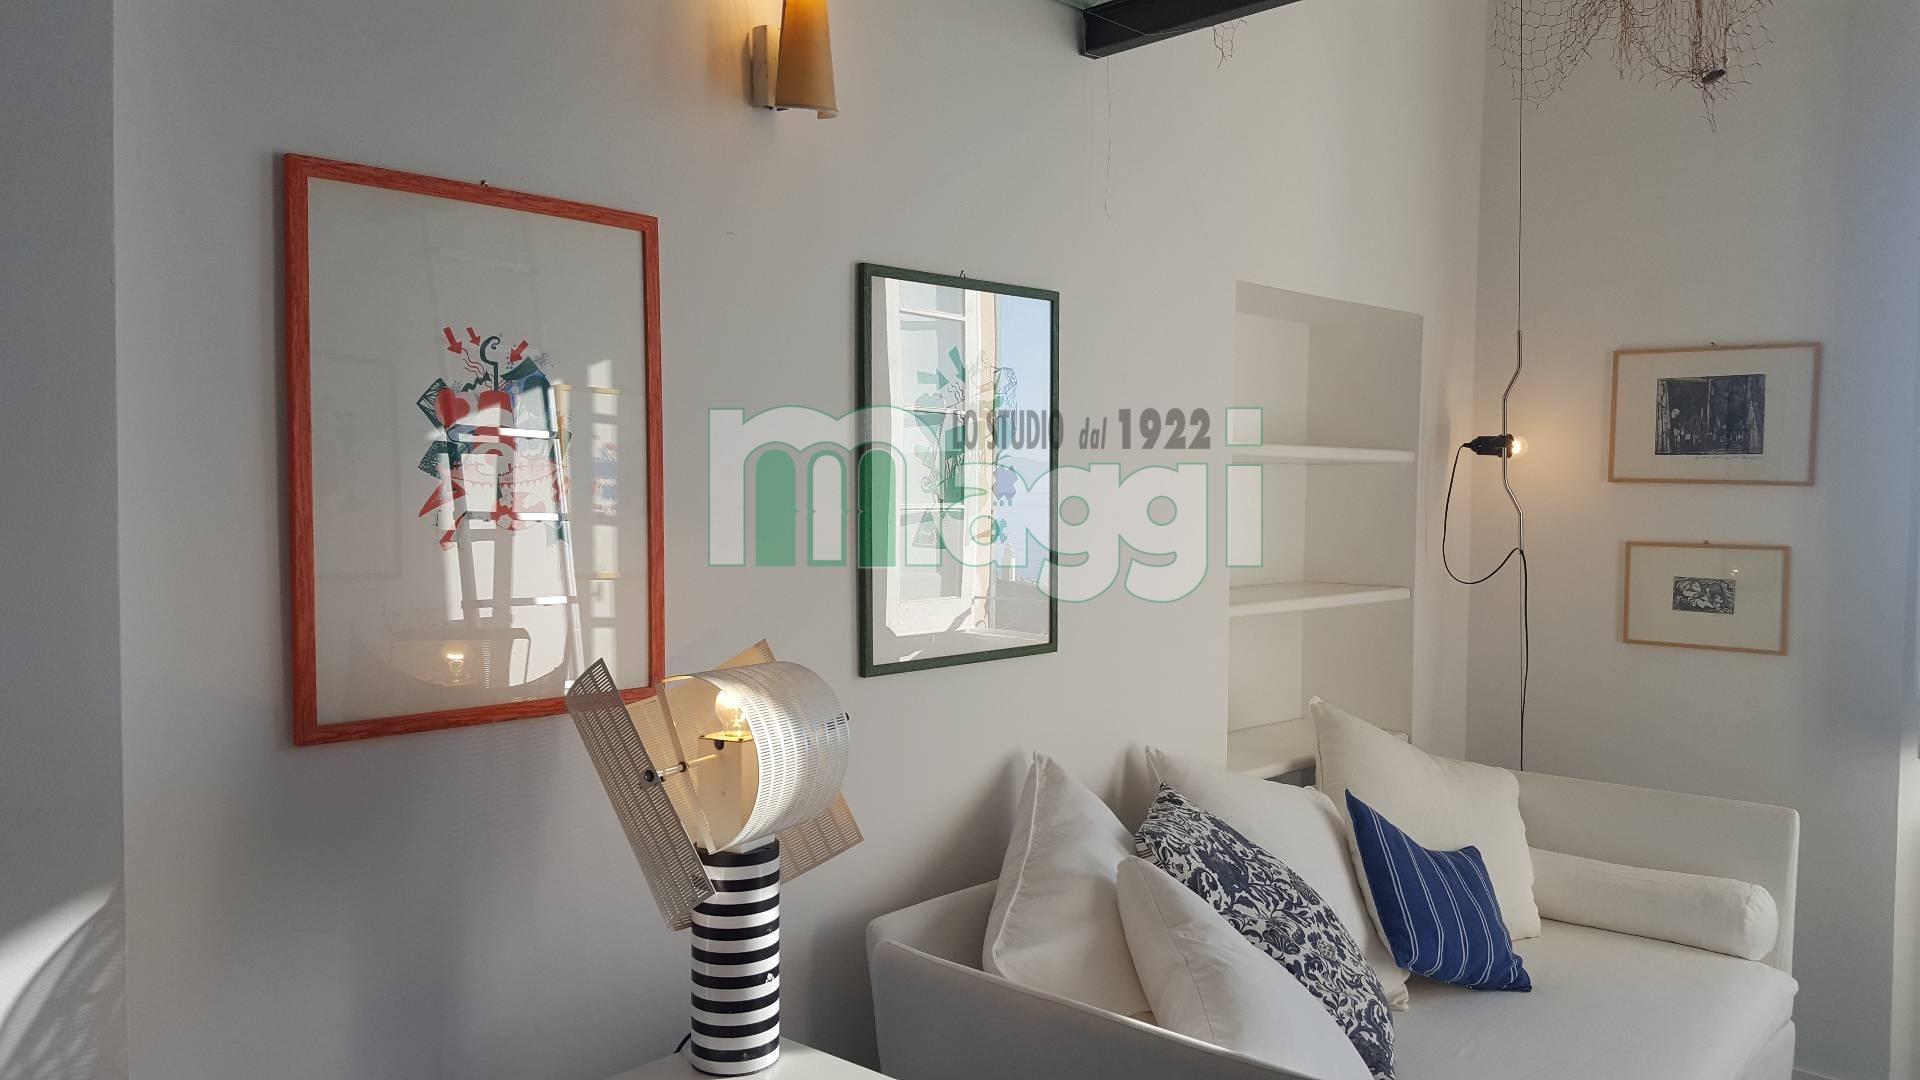 Appartamento in Vendita a Camogli: 2 locali, 46 mq